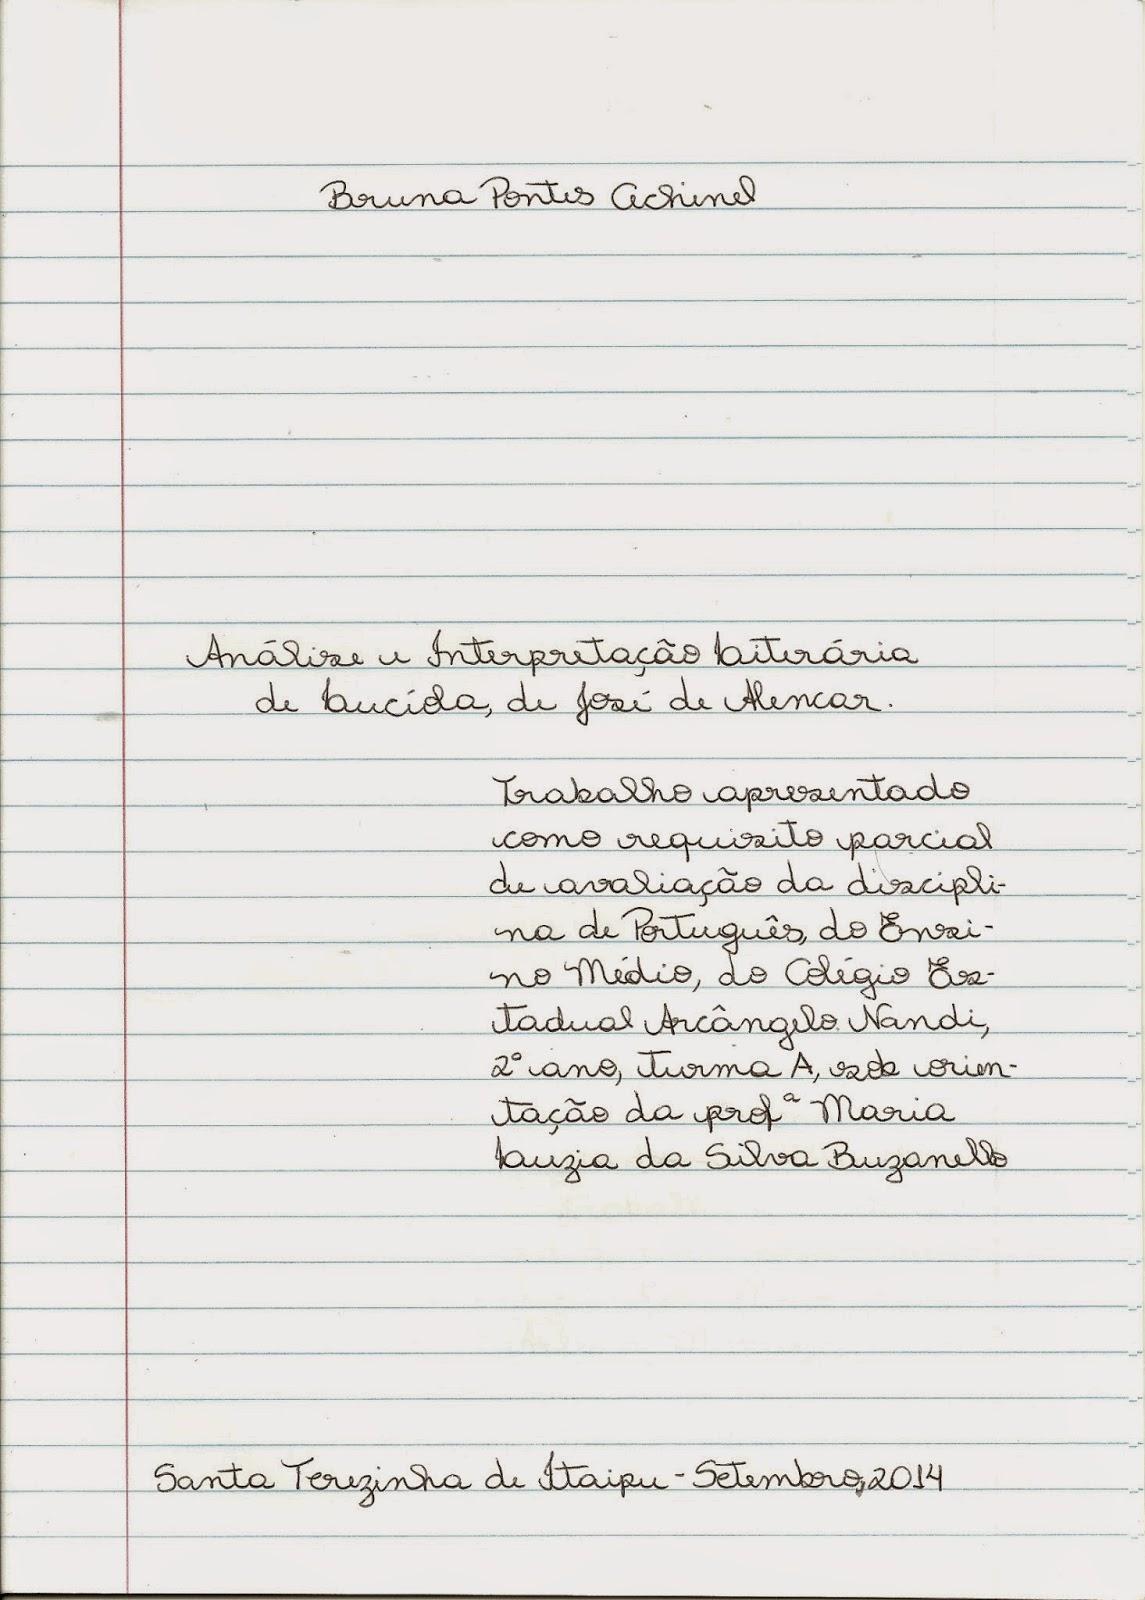 Resenha sobre obra de Freud ( Livro Jolibert, Bernard 2010)